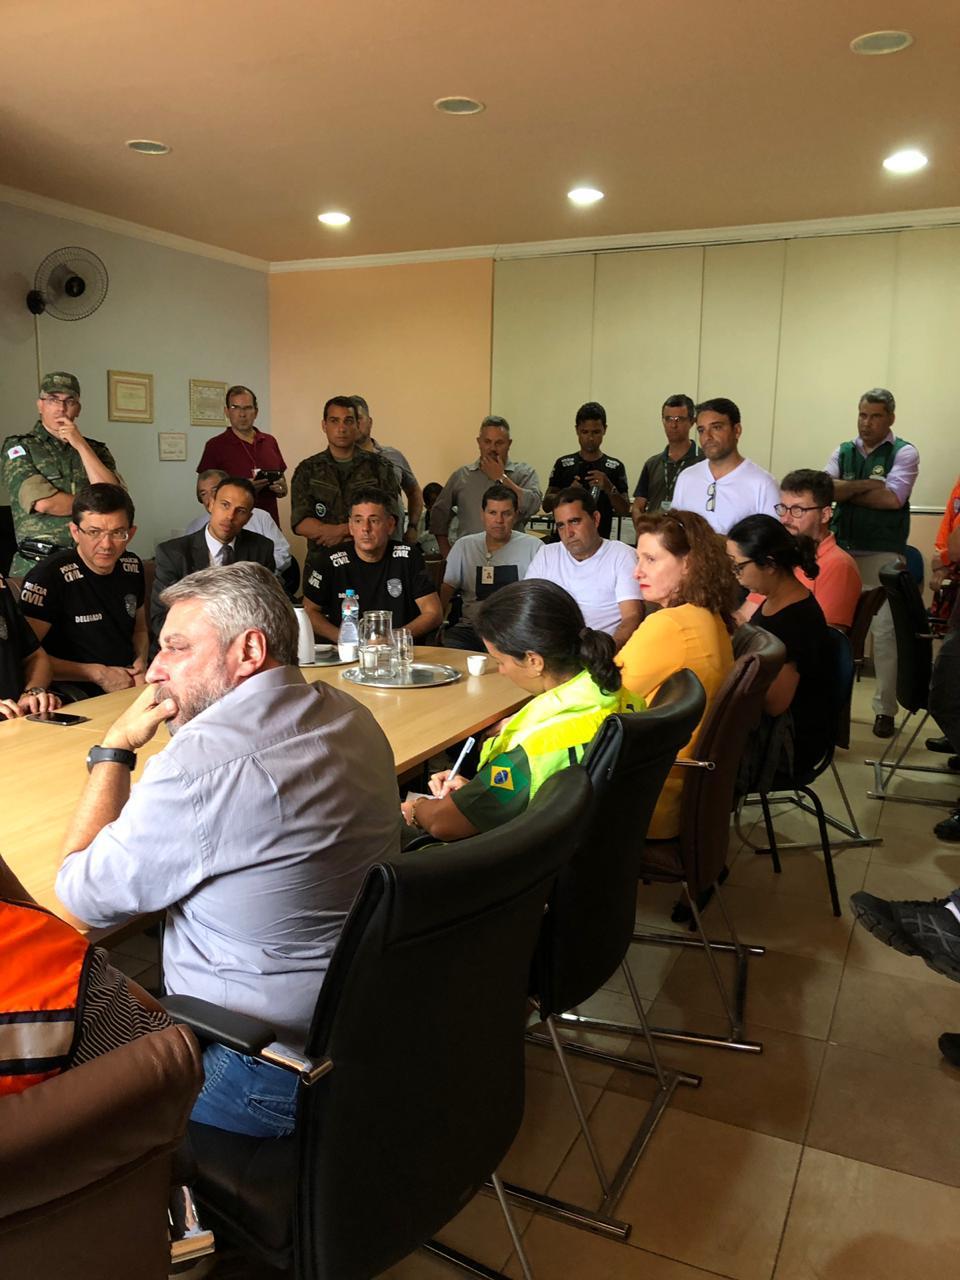 WhatsApp Image 2019 01 27 at 11.44.28 1 - BRUMADINHO: Paraibana na linha de frente considera legislação de barragens brasileira 'muito permissiva'